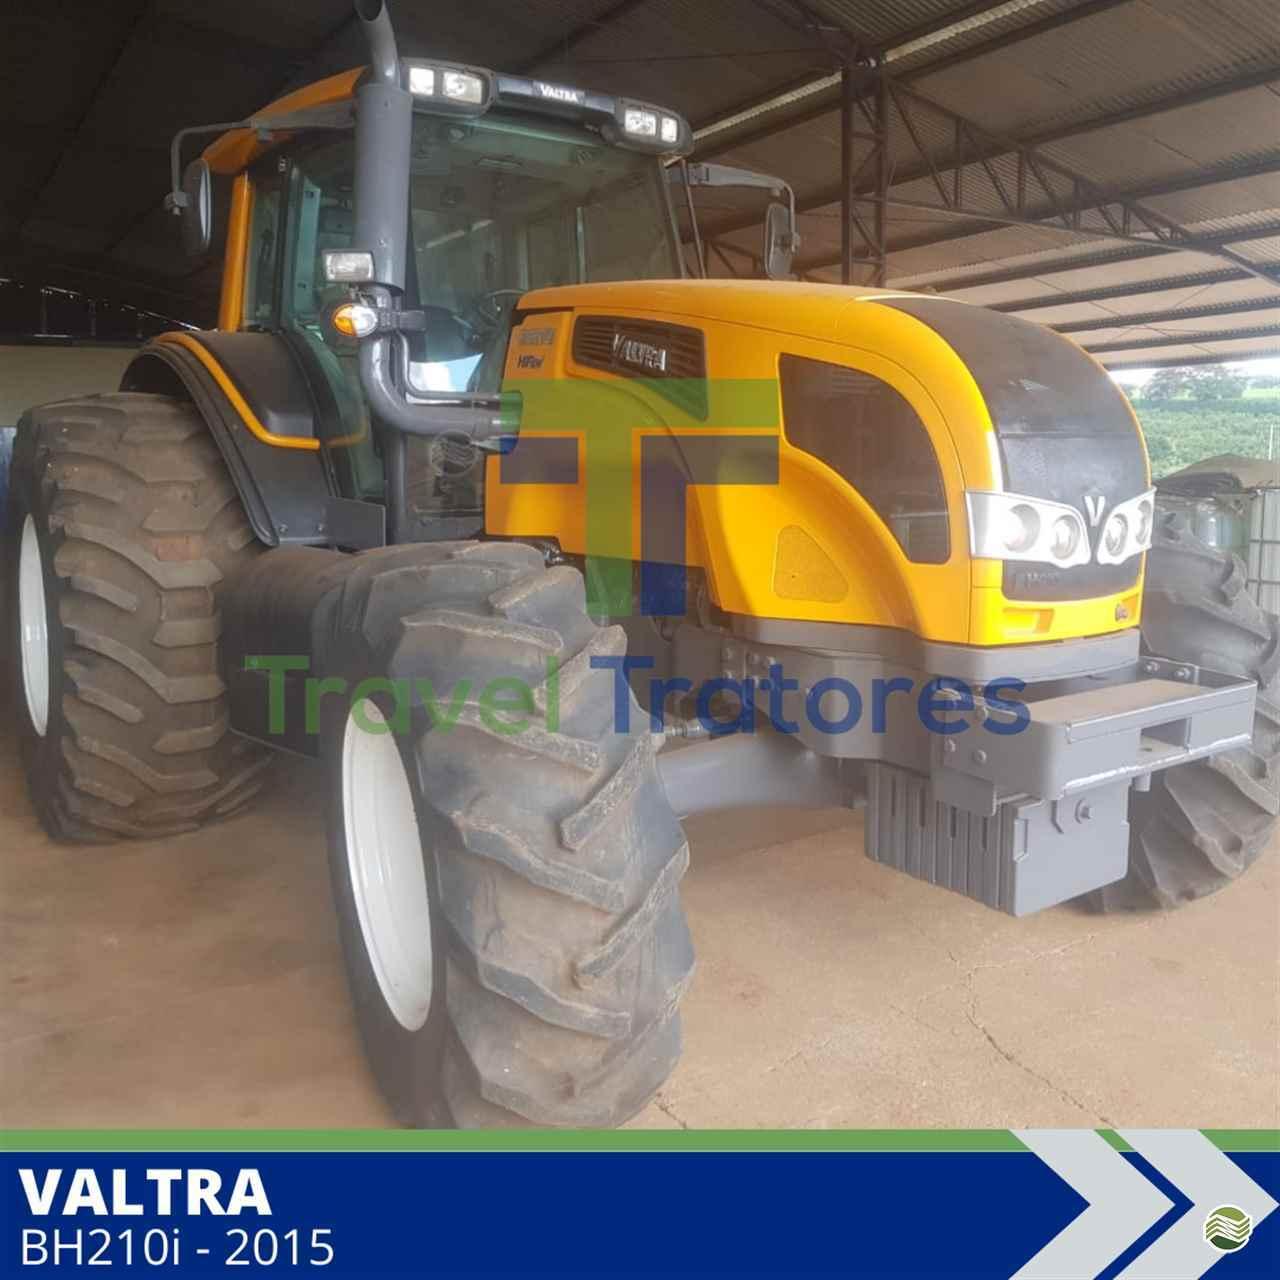 TRATOR VALTRA VALTRA BH 210 Tração 4x4 Travel Máquinas Agrícolas LONDRINA PARANÁ PR